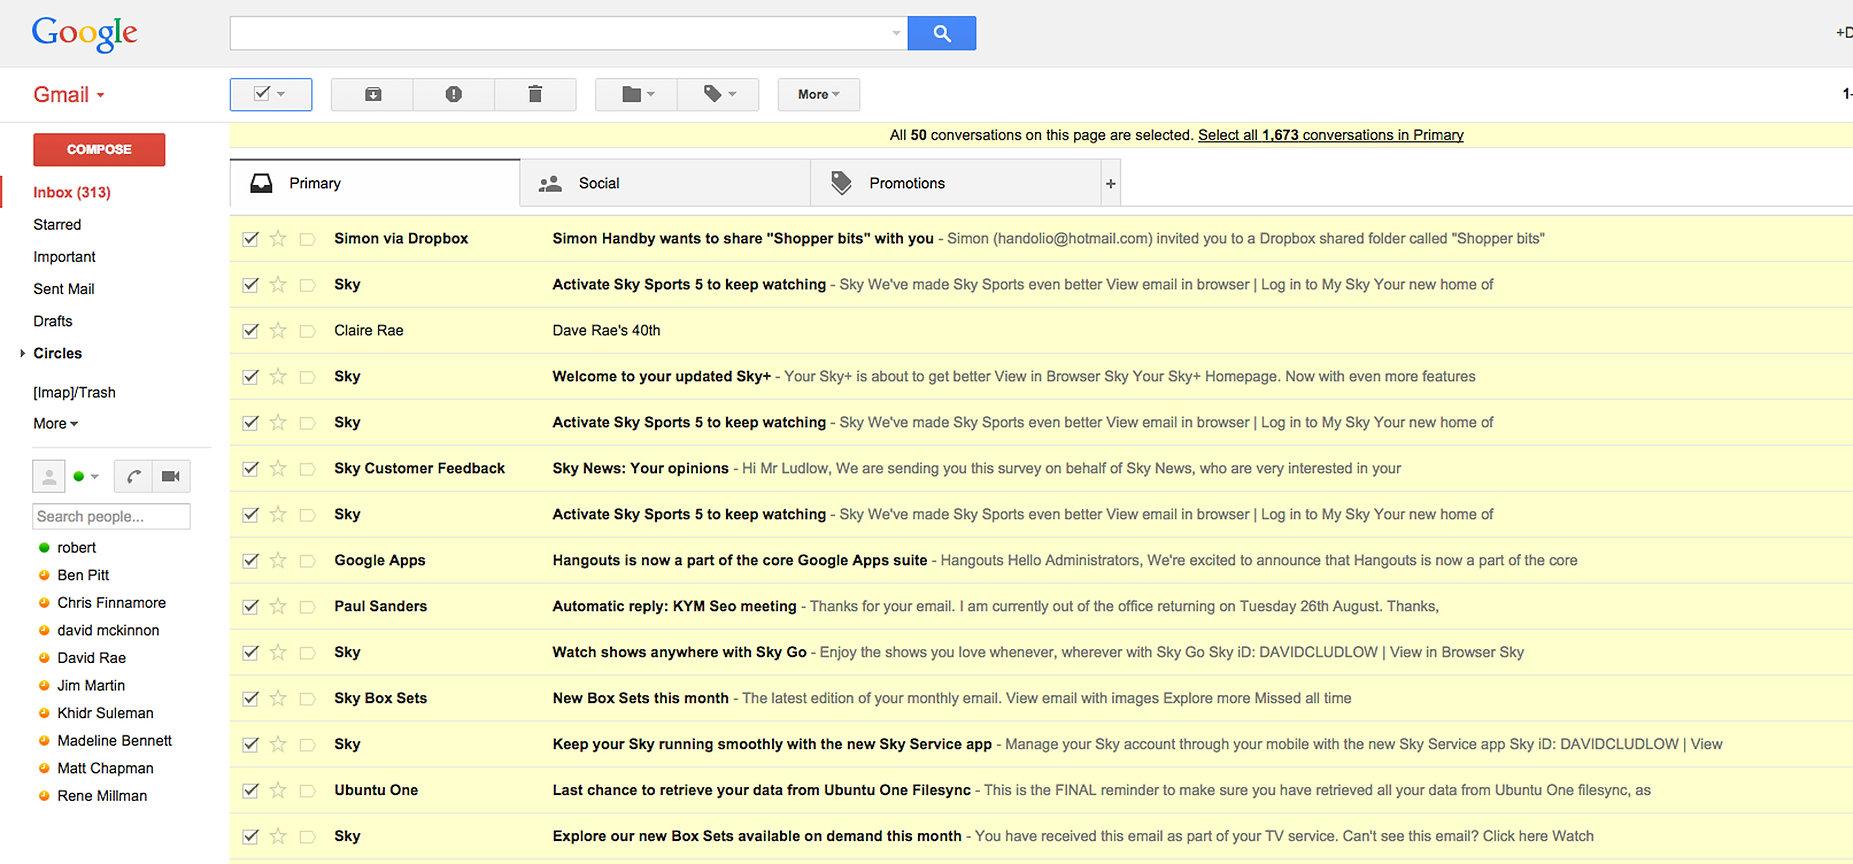 Πώς να διαγράψετε μηνύματα από το Gmail μαζικά και με έξυπνο τρόπο | Orizontes Data | Σχολή Πληροφορικής